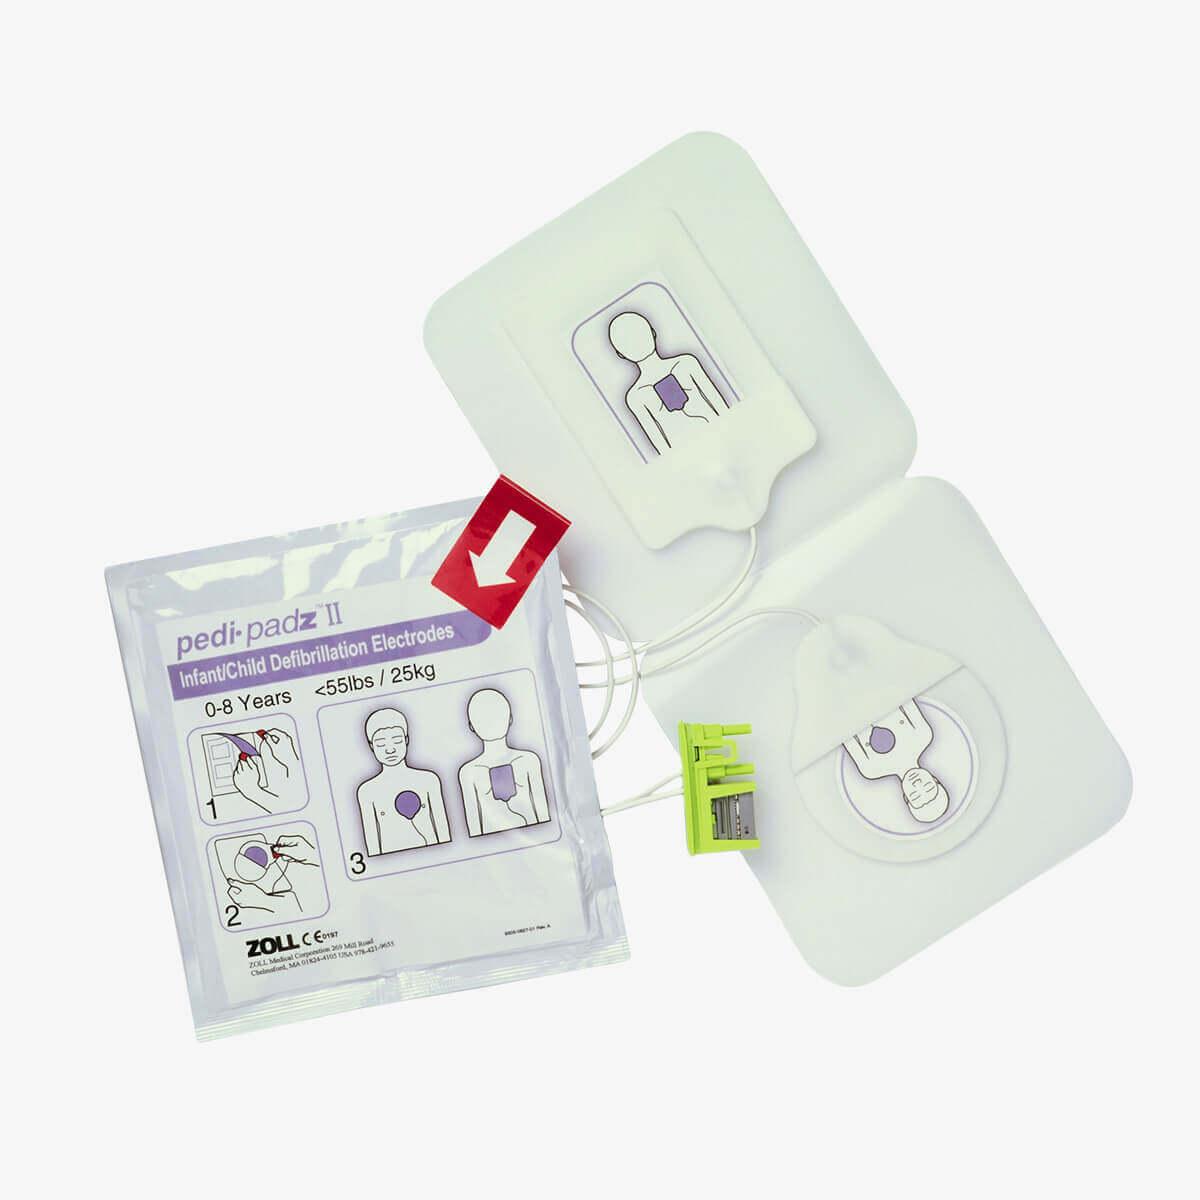 Zweiteilige ZOLL Pedi-padz II Kinderelektrode für den ZOLL AED Plus